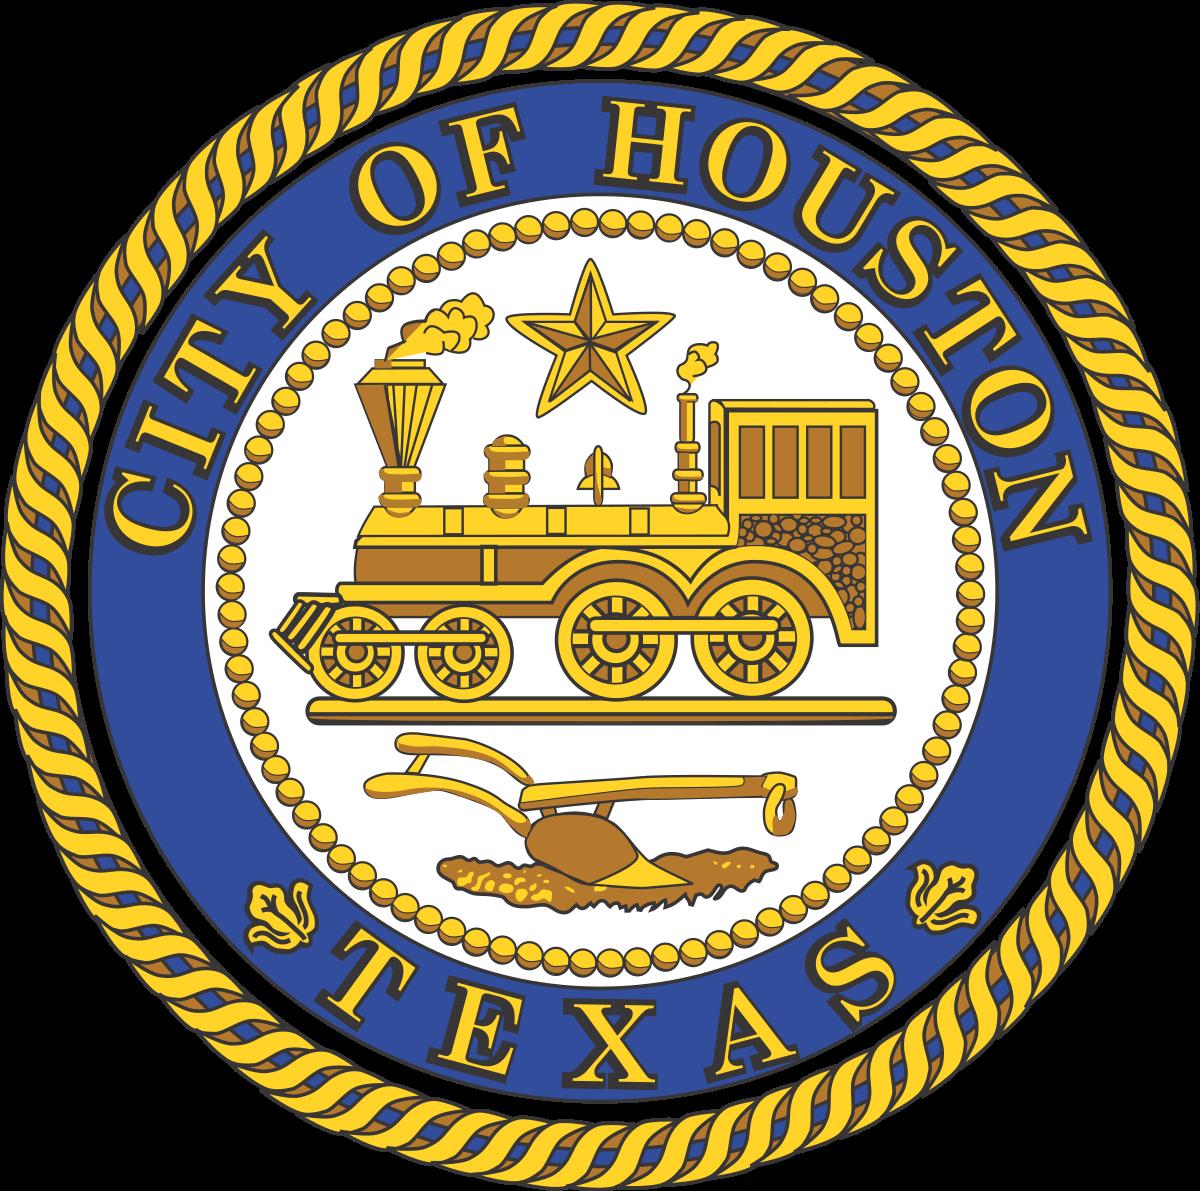 City of Houston